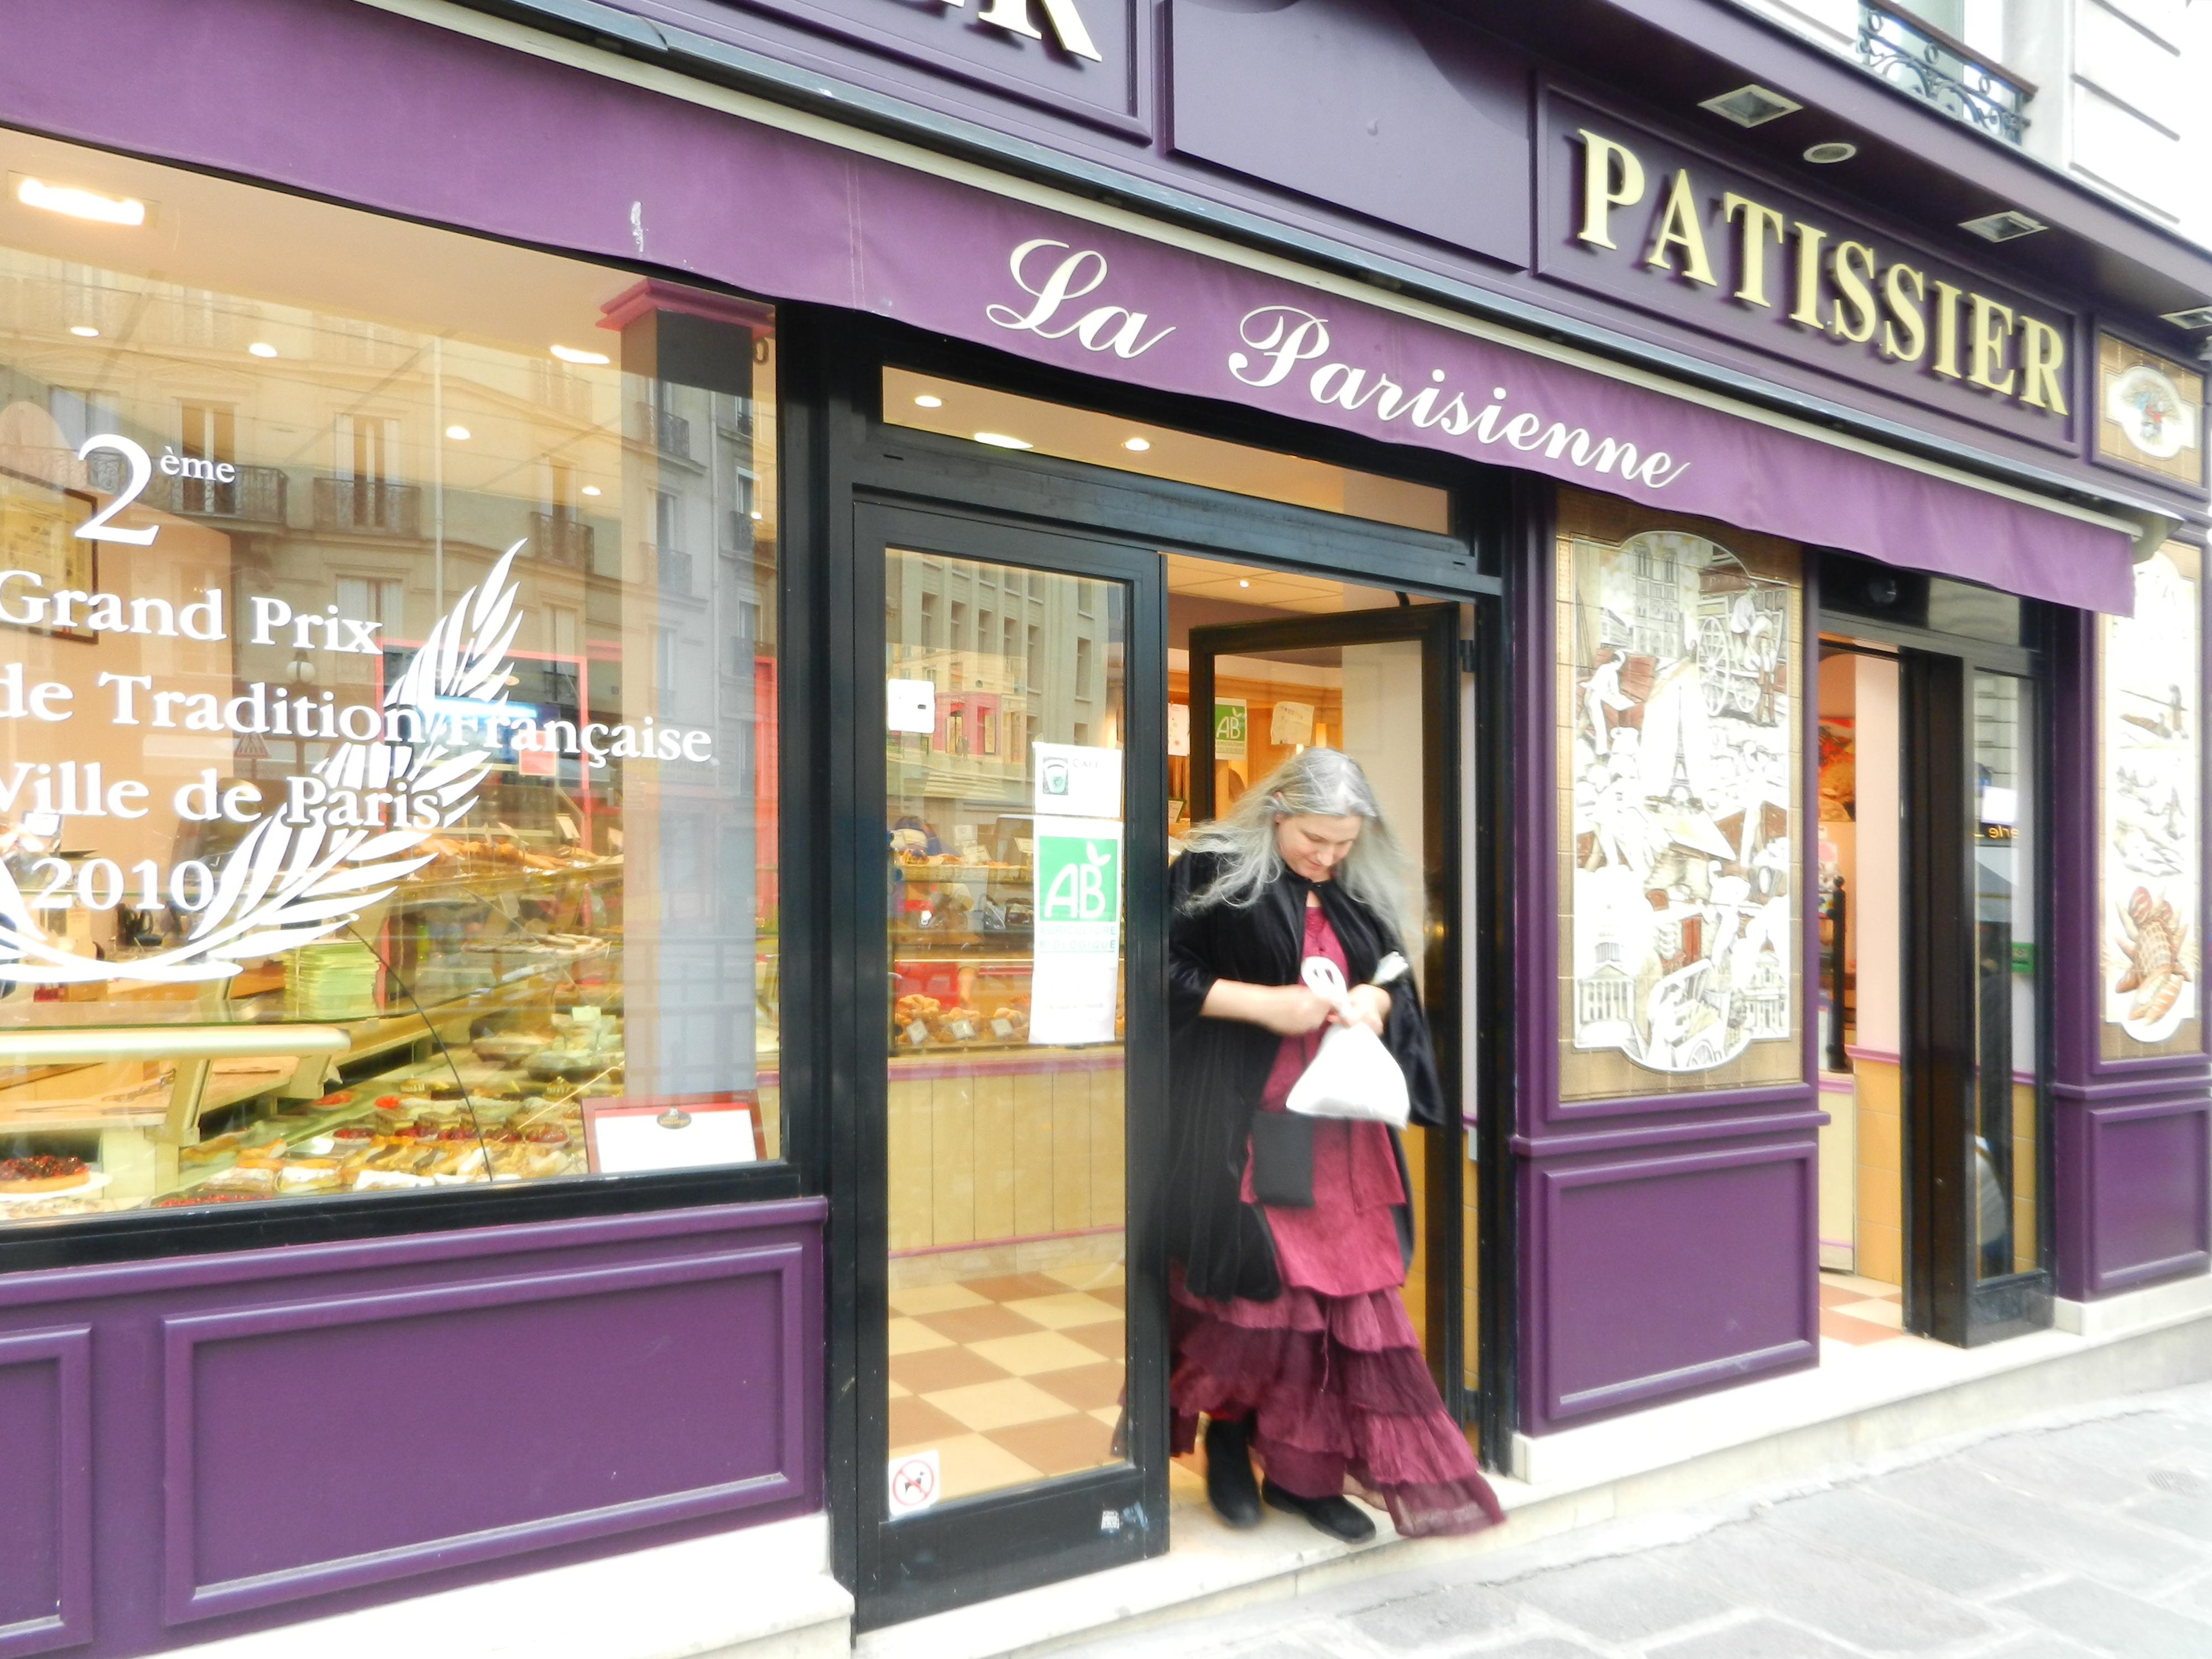 File:Boulangerie Patisserie La Parisienne, 28 rue Monge, 75005 Paris, April 2011.jpg - Wikimedia